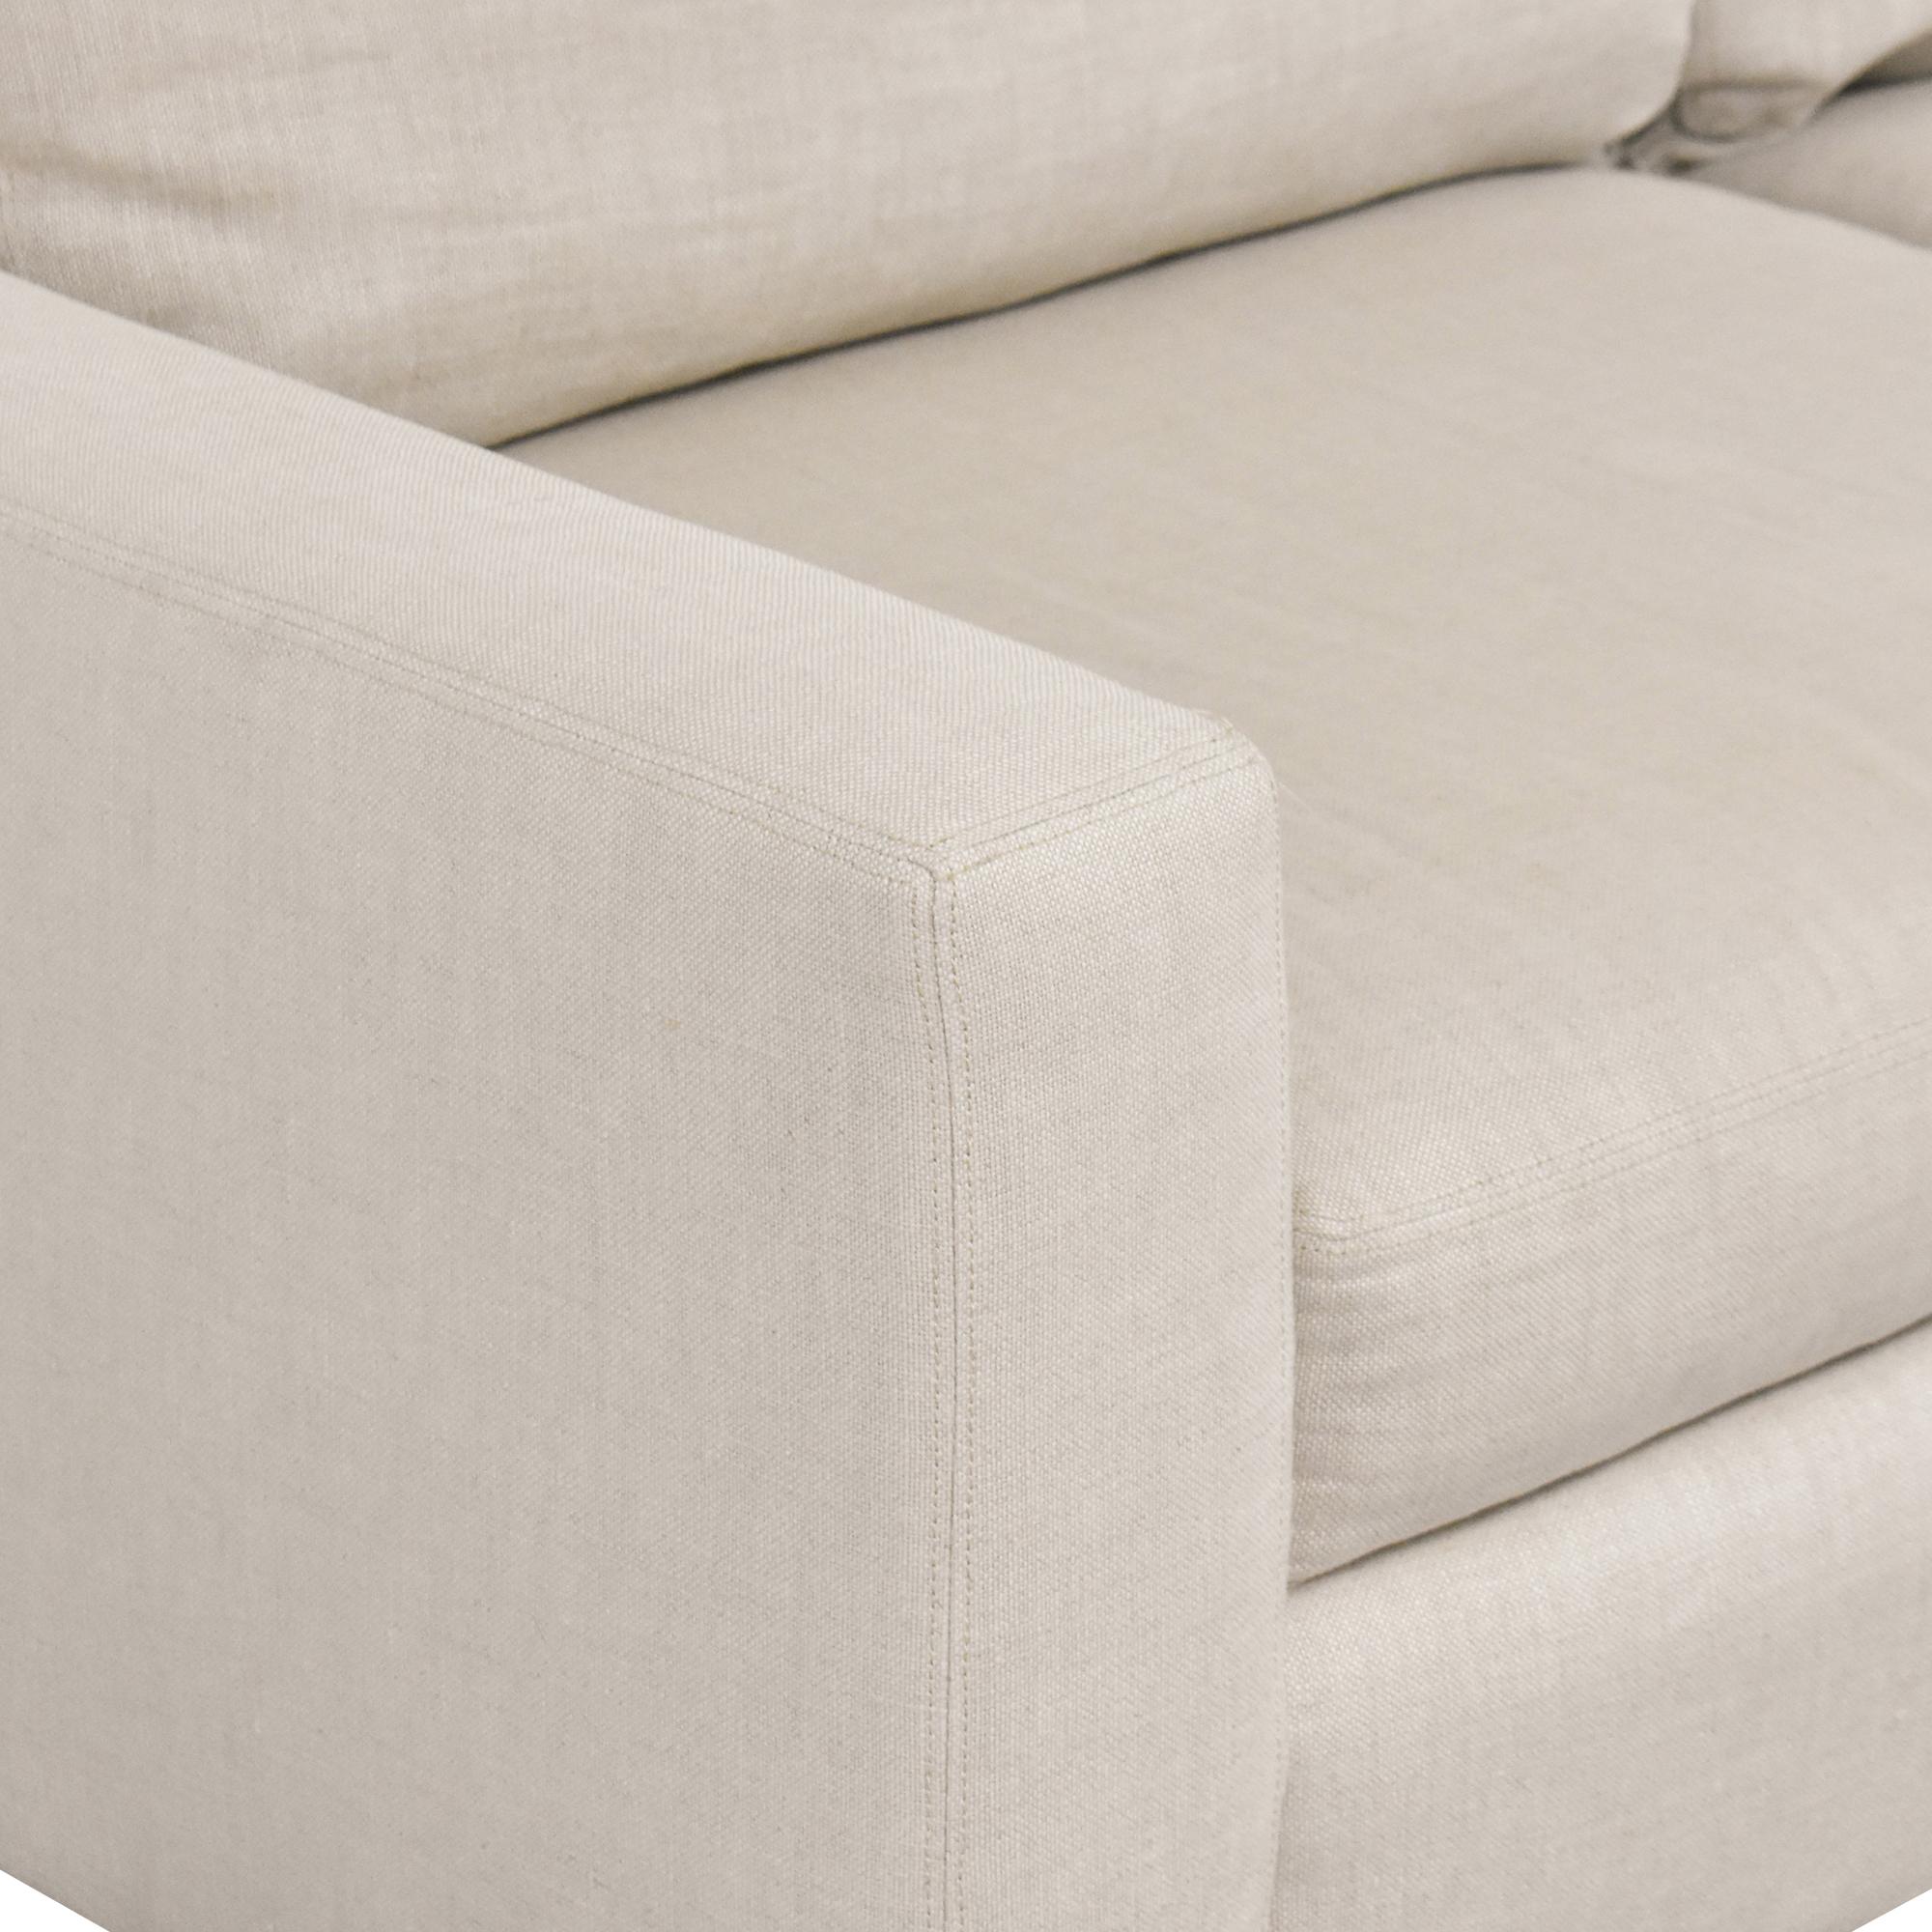 Restoration Hardware Restoration Hardware Two Cushion Sofa used